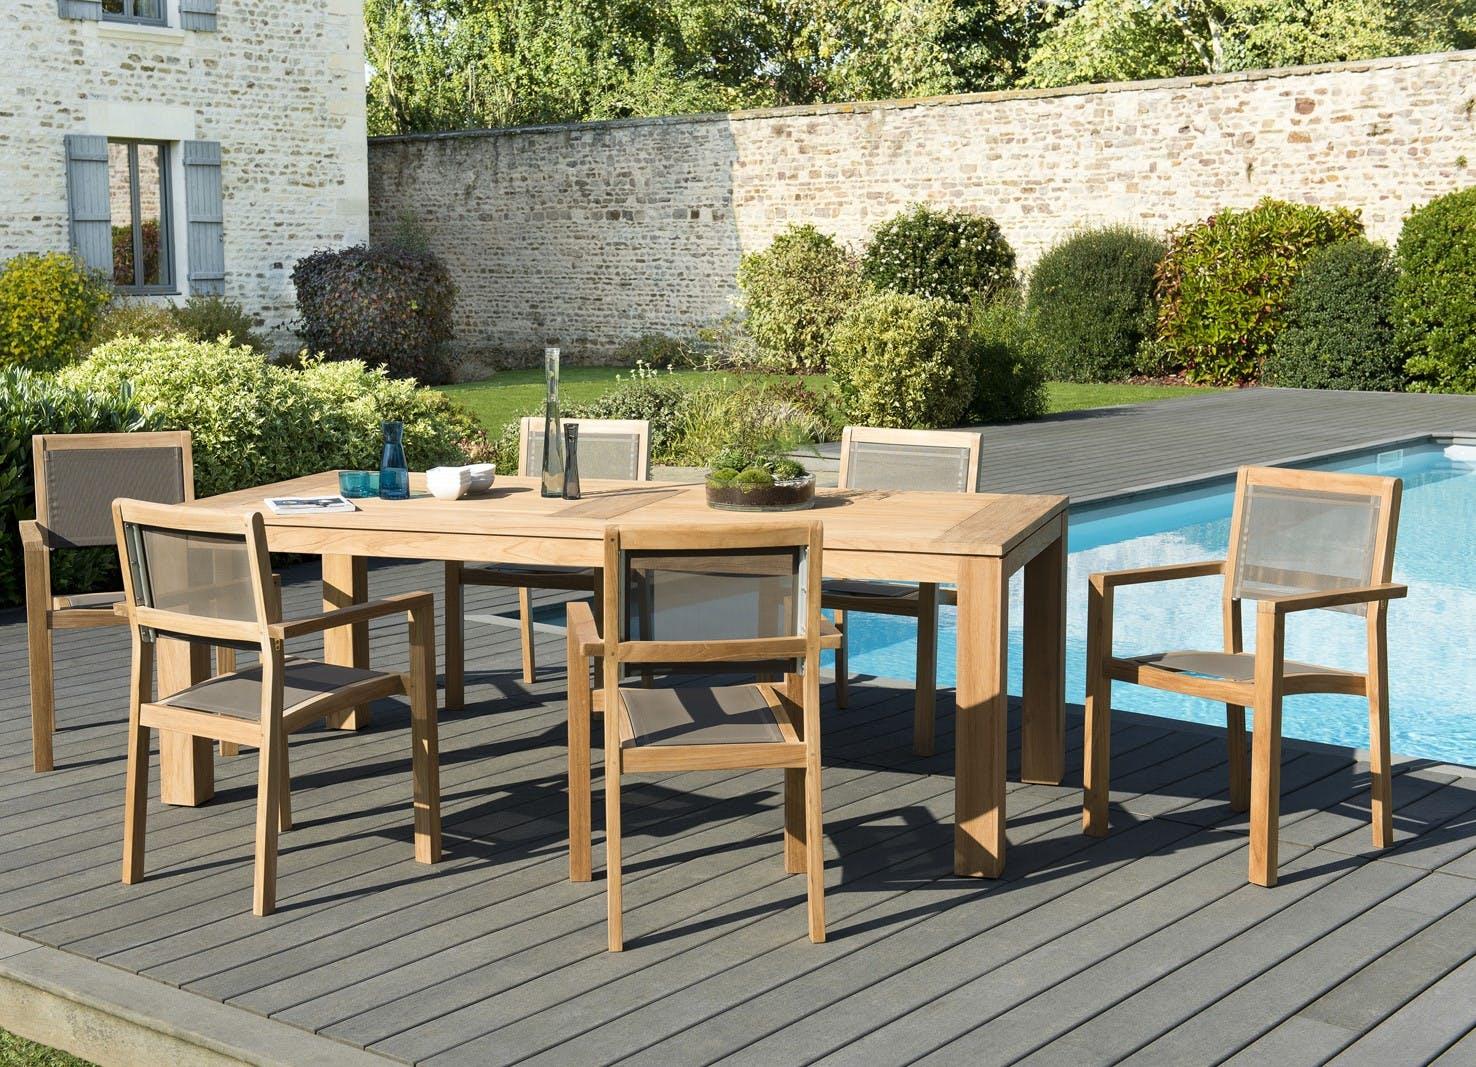 Salon de Jardin Teck Table 220x100 + 6 fauteuils empilables BERGEN ref. 30020837